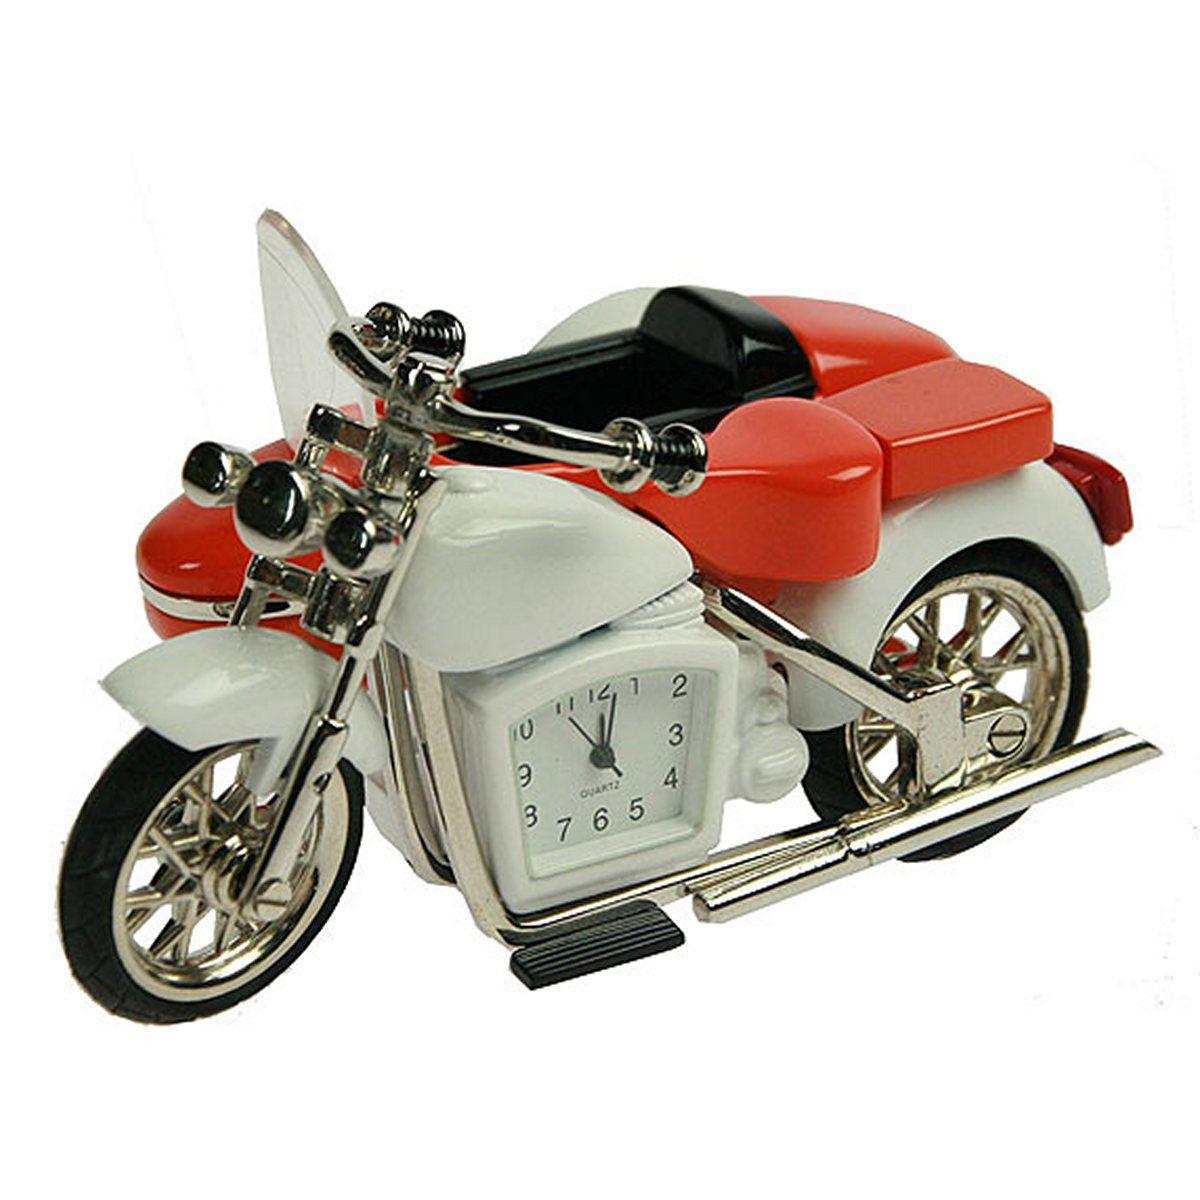 Часы настольные Русские Подарки Мотоцикл, 7 х 10 х 5 см. 2242594672Настольные кварцевые часы Русские Подарки Мотоцикл изготовлены из металла. Корпус оригинально оформлен в виде мотоцикла. Часы имеют три стрелки - часовую, минутную и секундную.Такие часы украсят интерьер дома или рабочий стол в офисе. Также часы могут стать уникальным, полезным подарком для родственников, коллег, знакомых и близких.Часы работают от батареек типа SR626 (в комплект не входят).